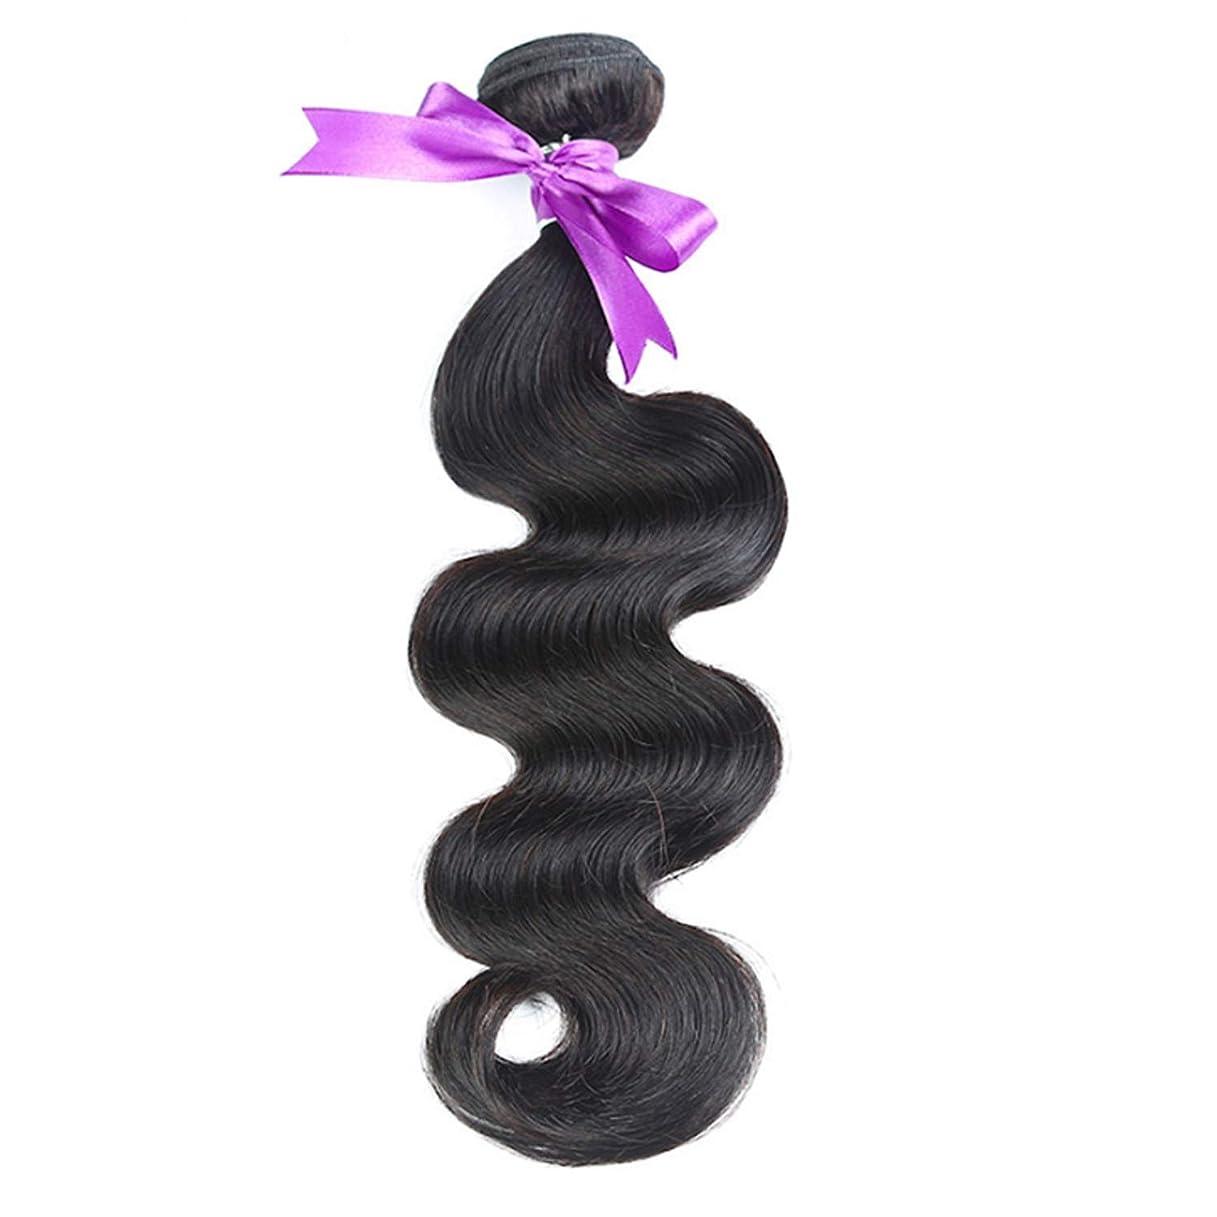 ペルーの髪織り実体波髪バンドル100%人間の髪織りナチュラルカラー非レミー髪8-30インチ1ピース (Stretched Length : 8inches)